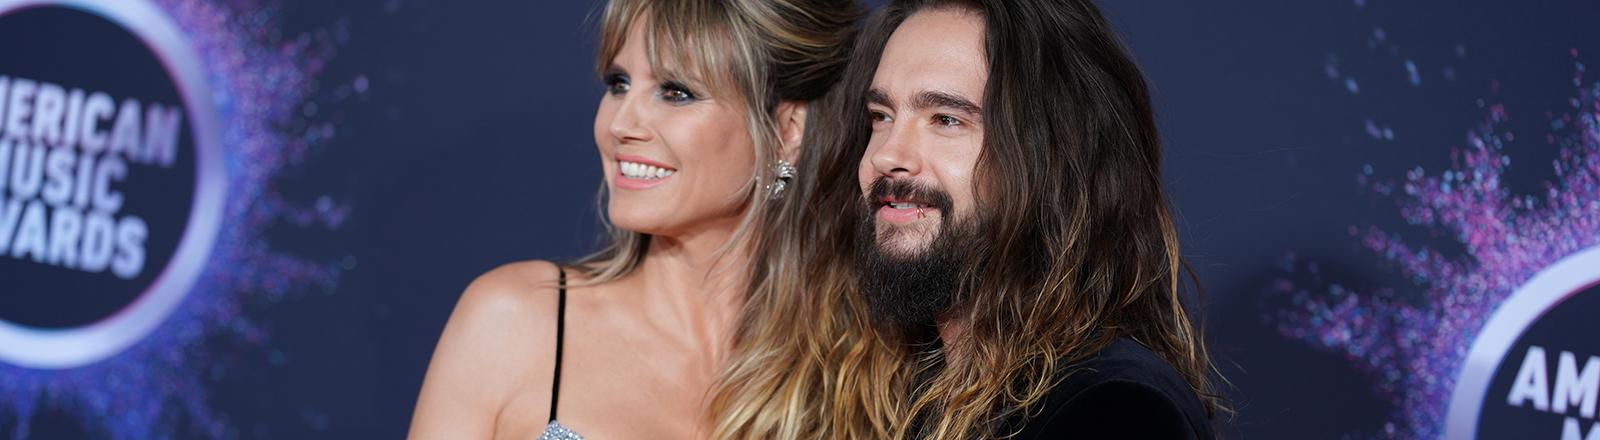 Ein Mann und Frau stehen vor einem bunten Hintergrund und schauen links in die Kamera.